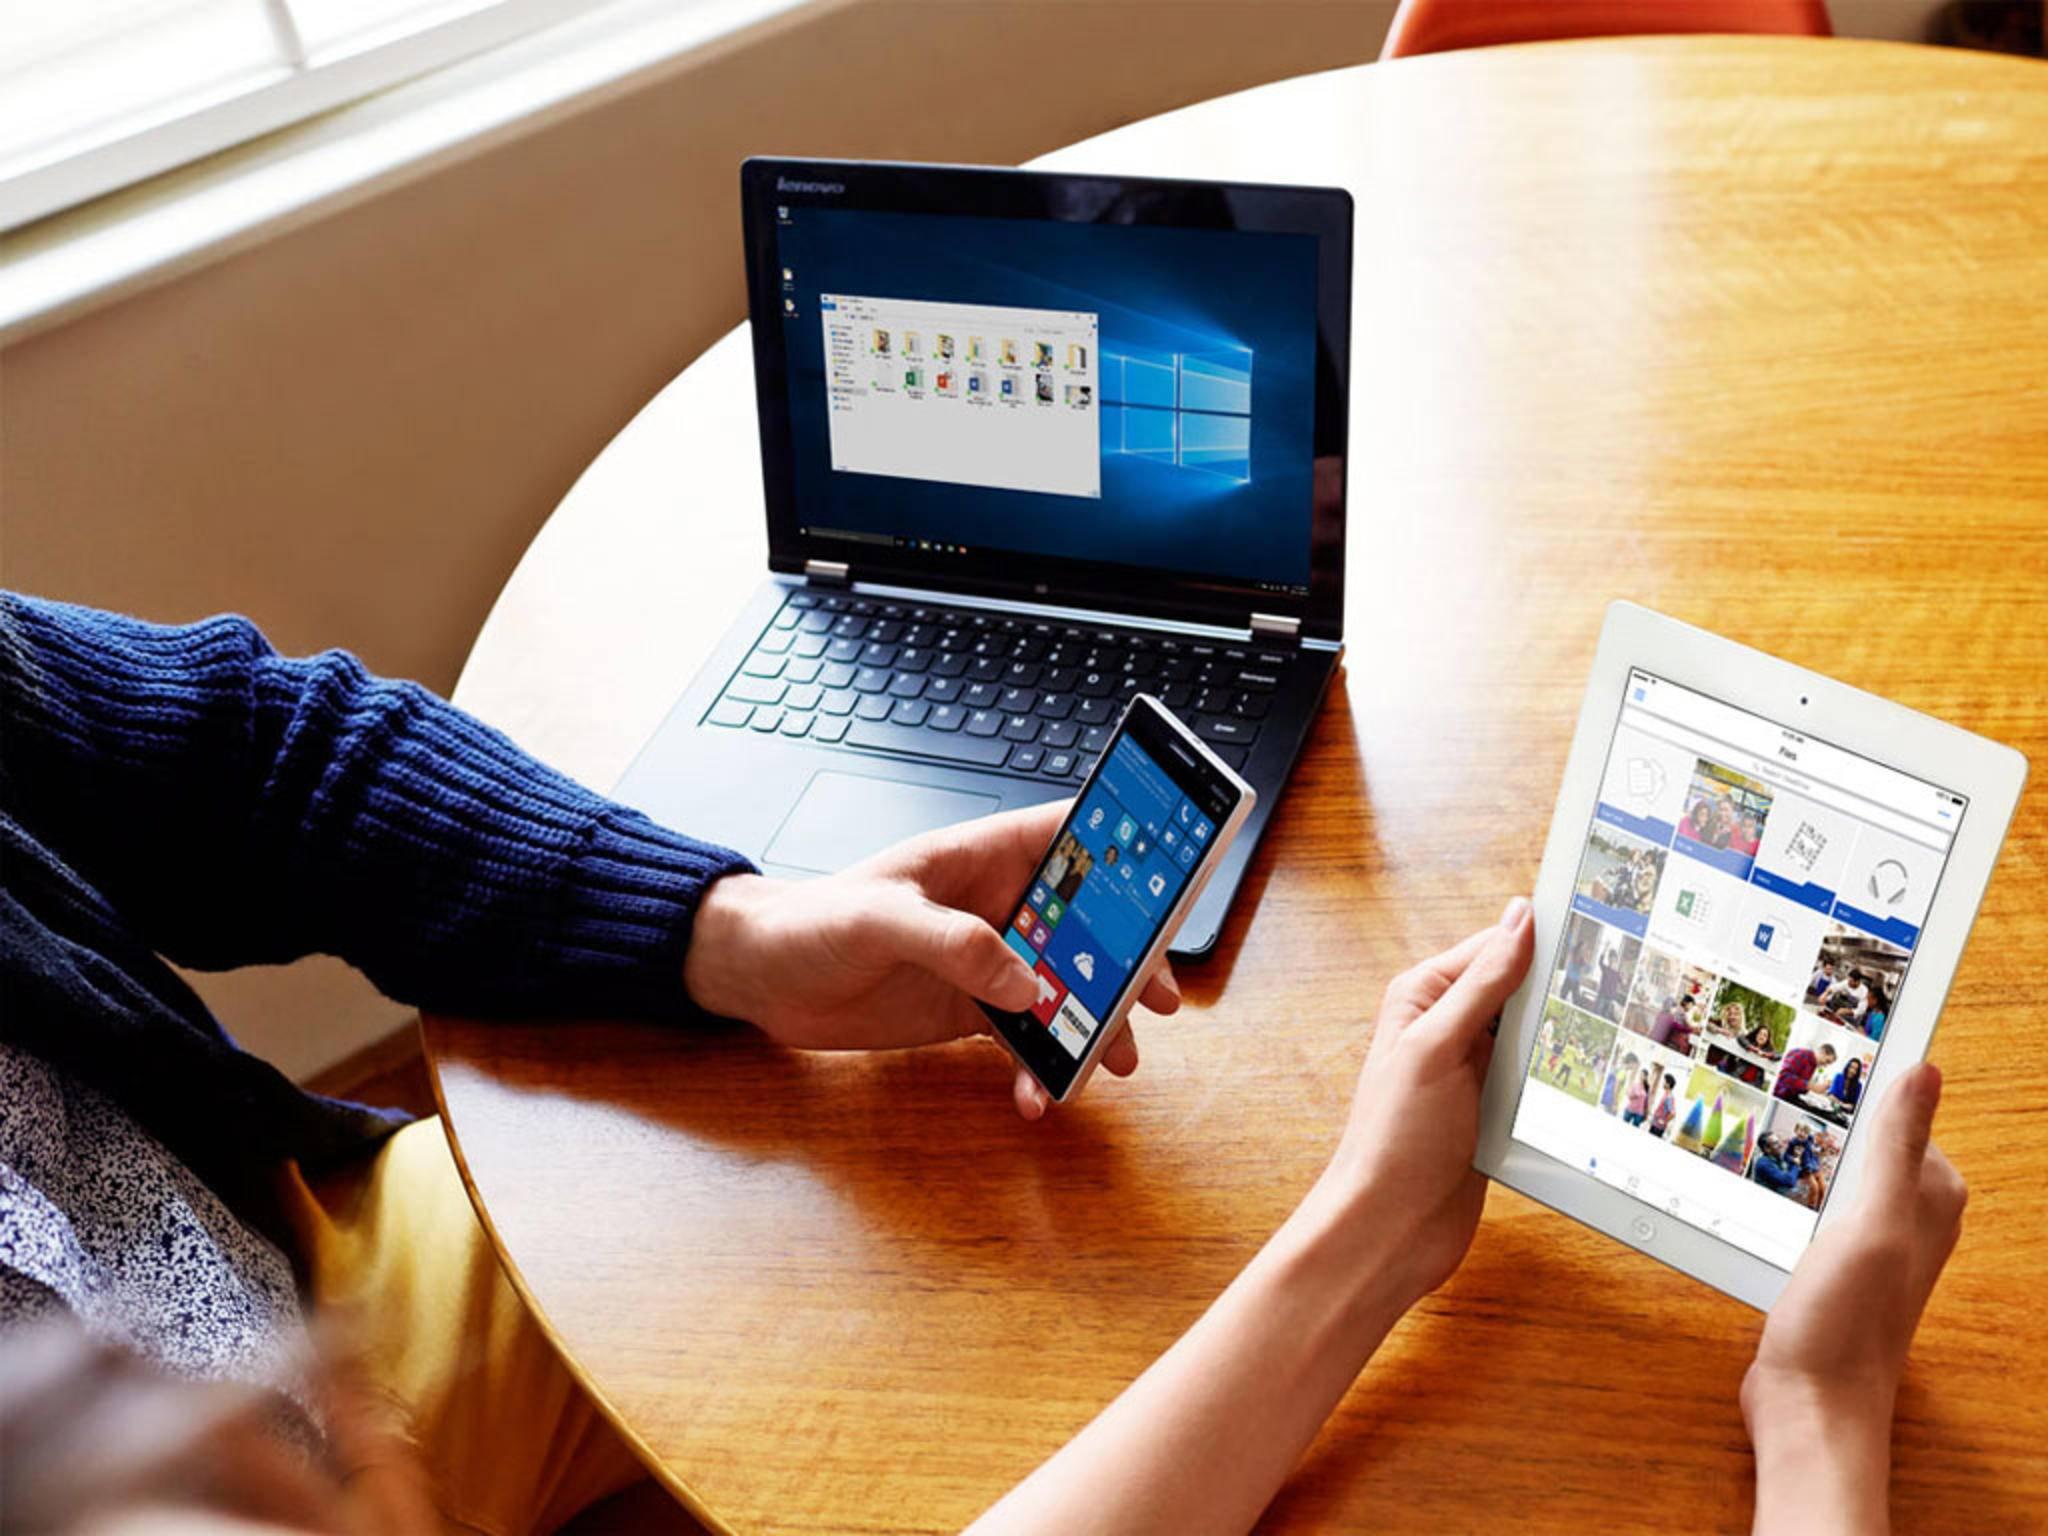 OneDrive bietet 5 GB kostenlosen Speicher.